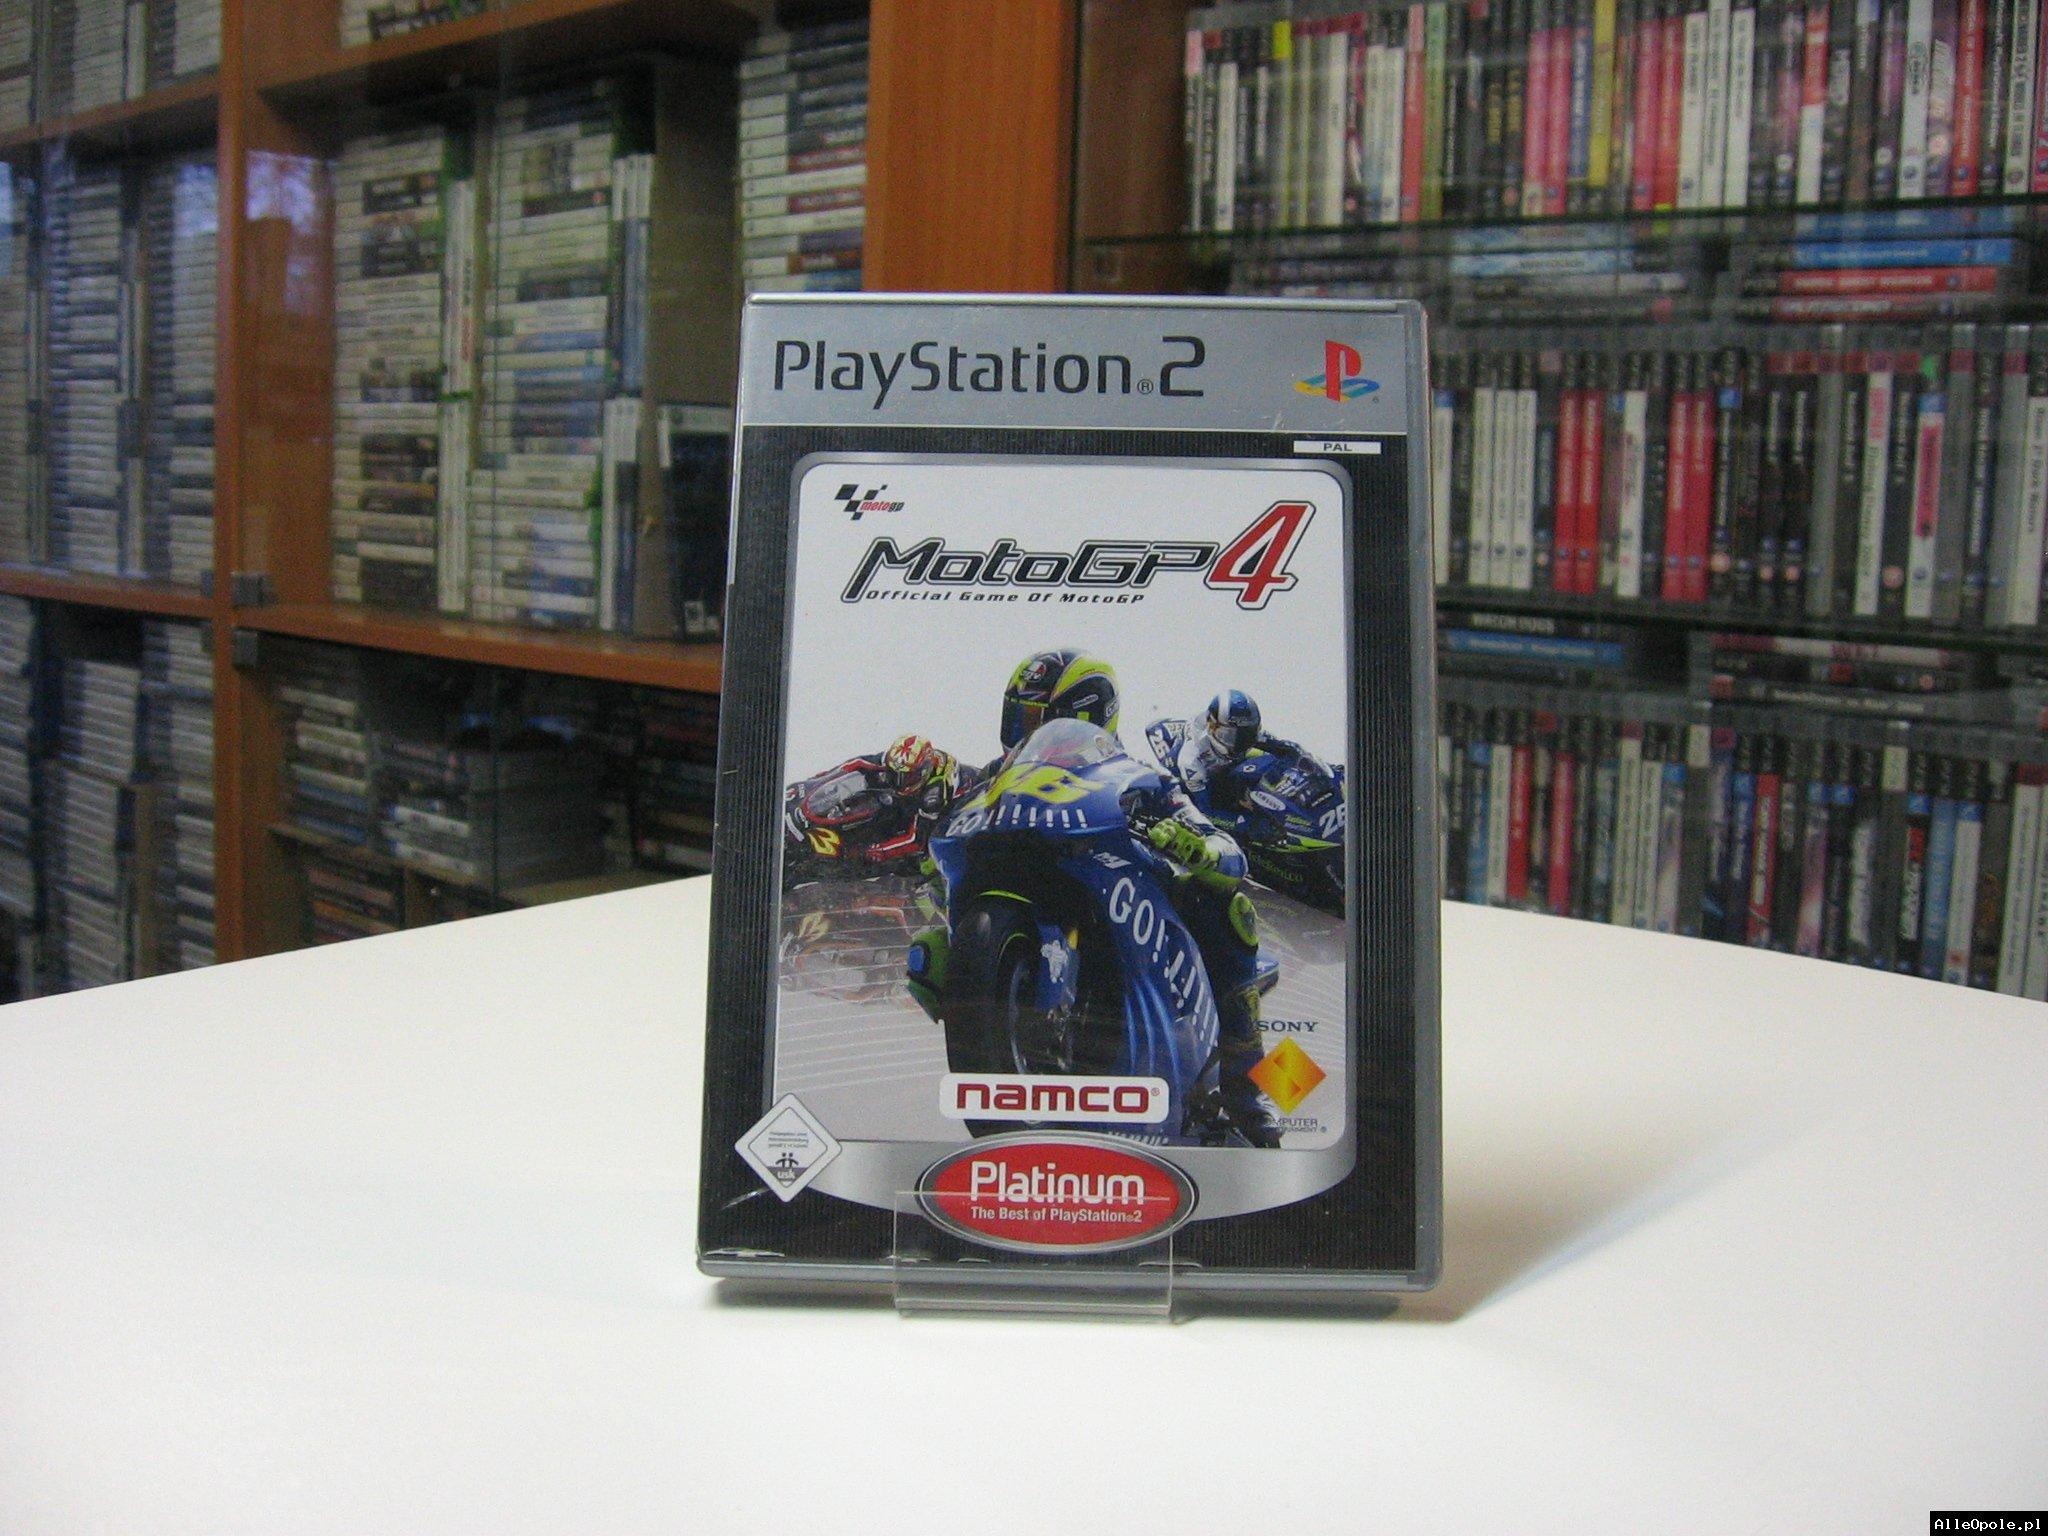 MotoGP4 - GRA Ps2 - Opole 0557